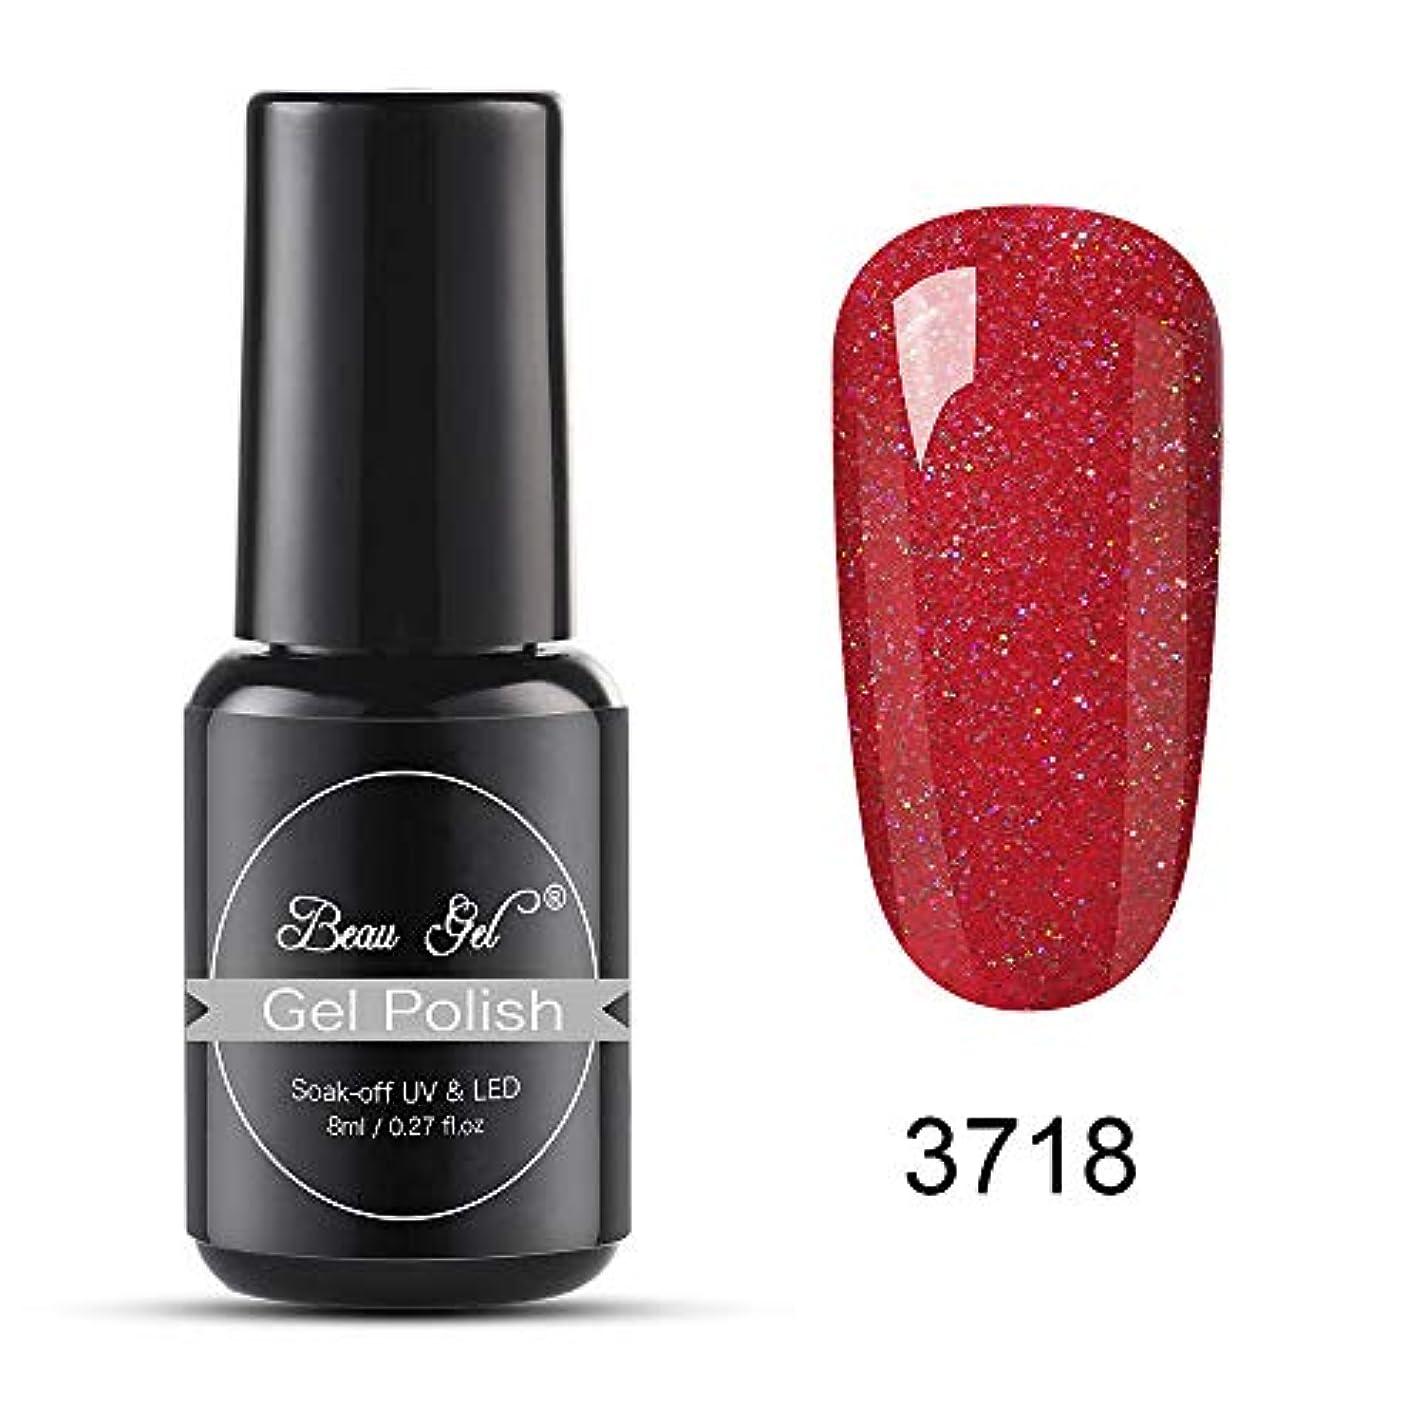 勧める静める事業内容Beau gel ジェルネイル カラージェル 虹系 1色入り 8ml-3718